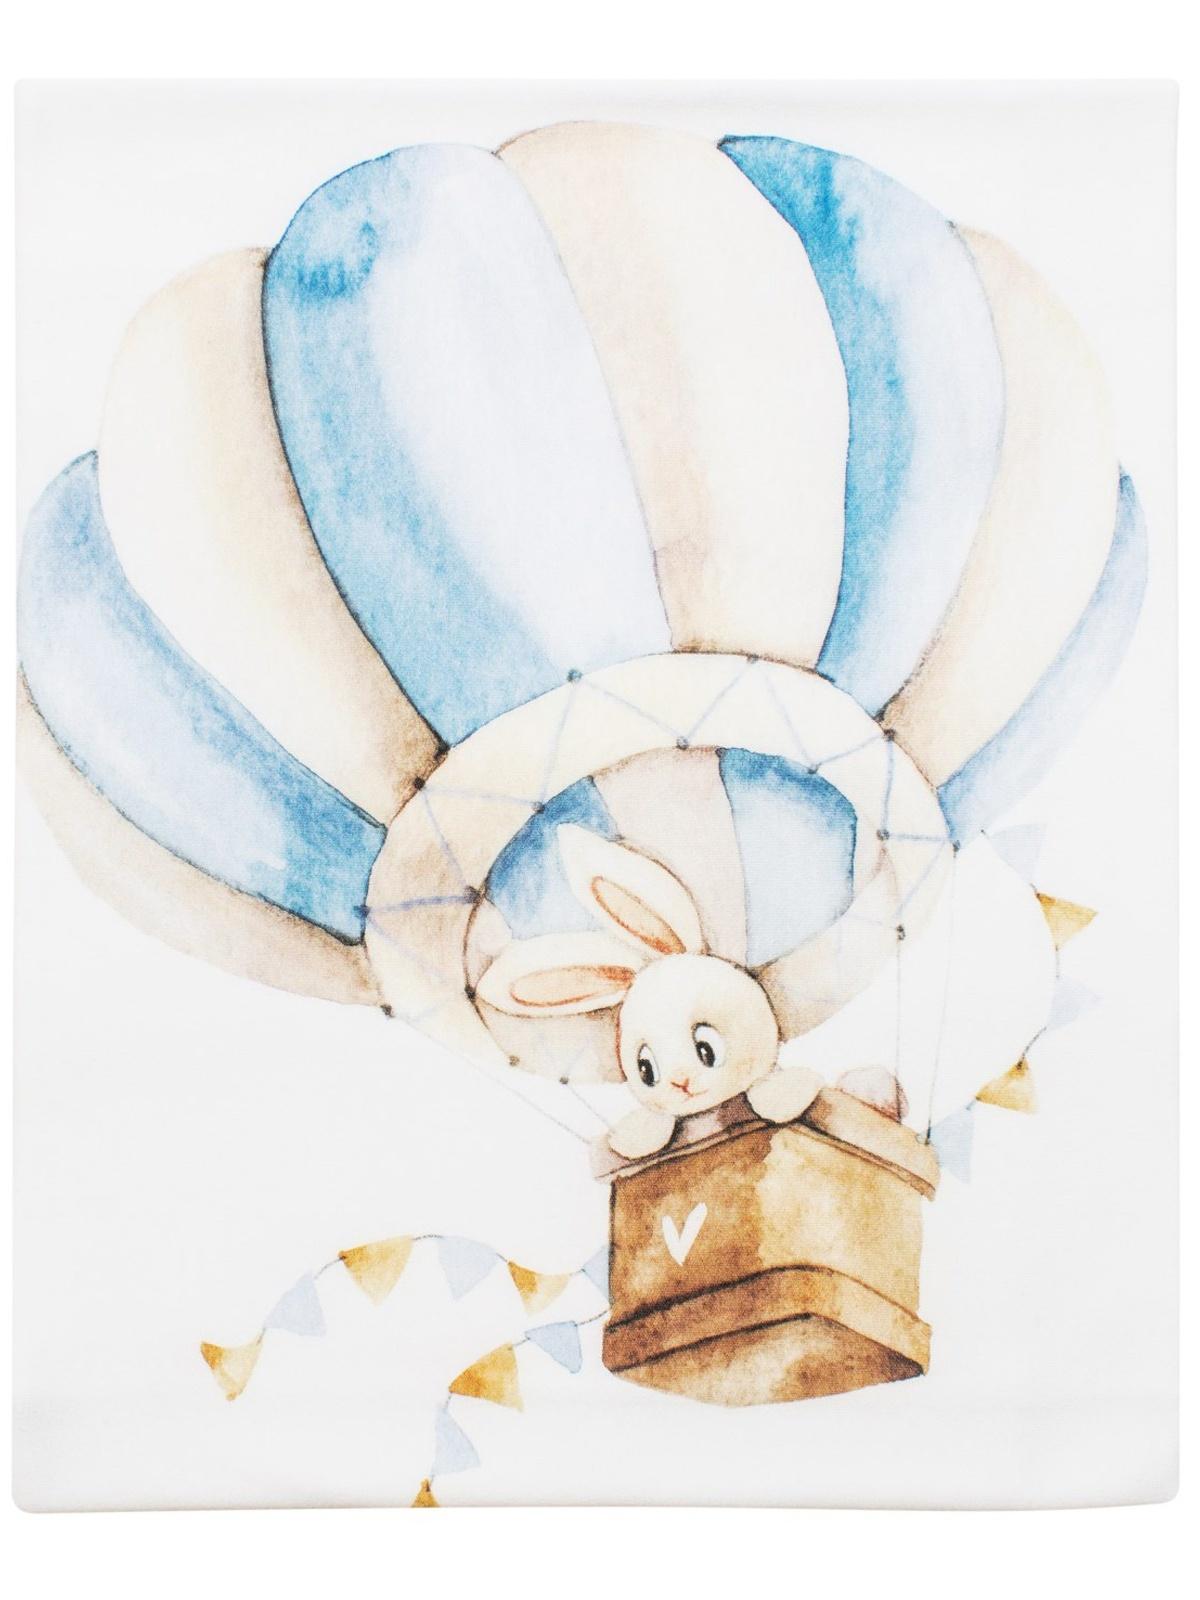 Пеленка текстильная Luxury Baby Трикотажная пеленка Зайка на воздушном шаре